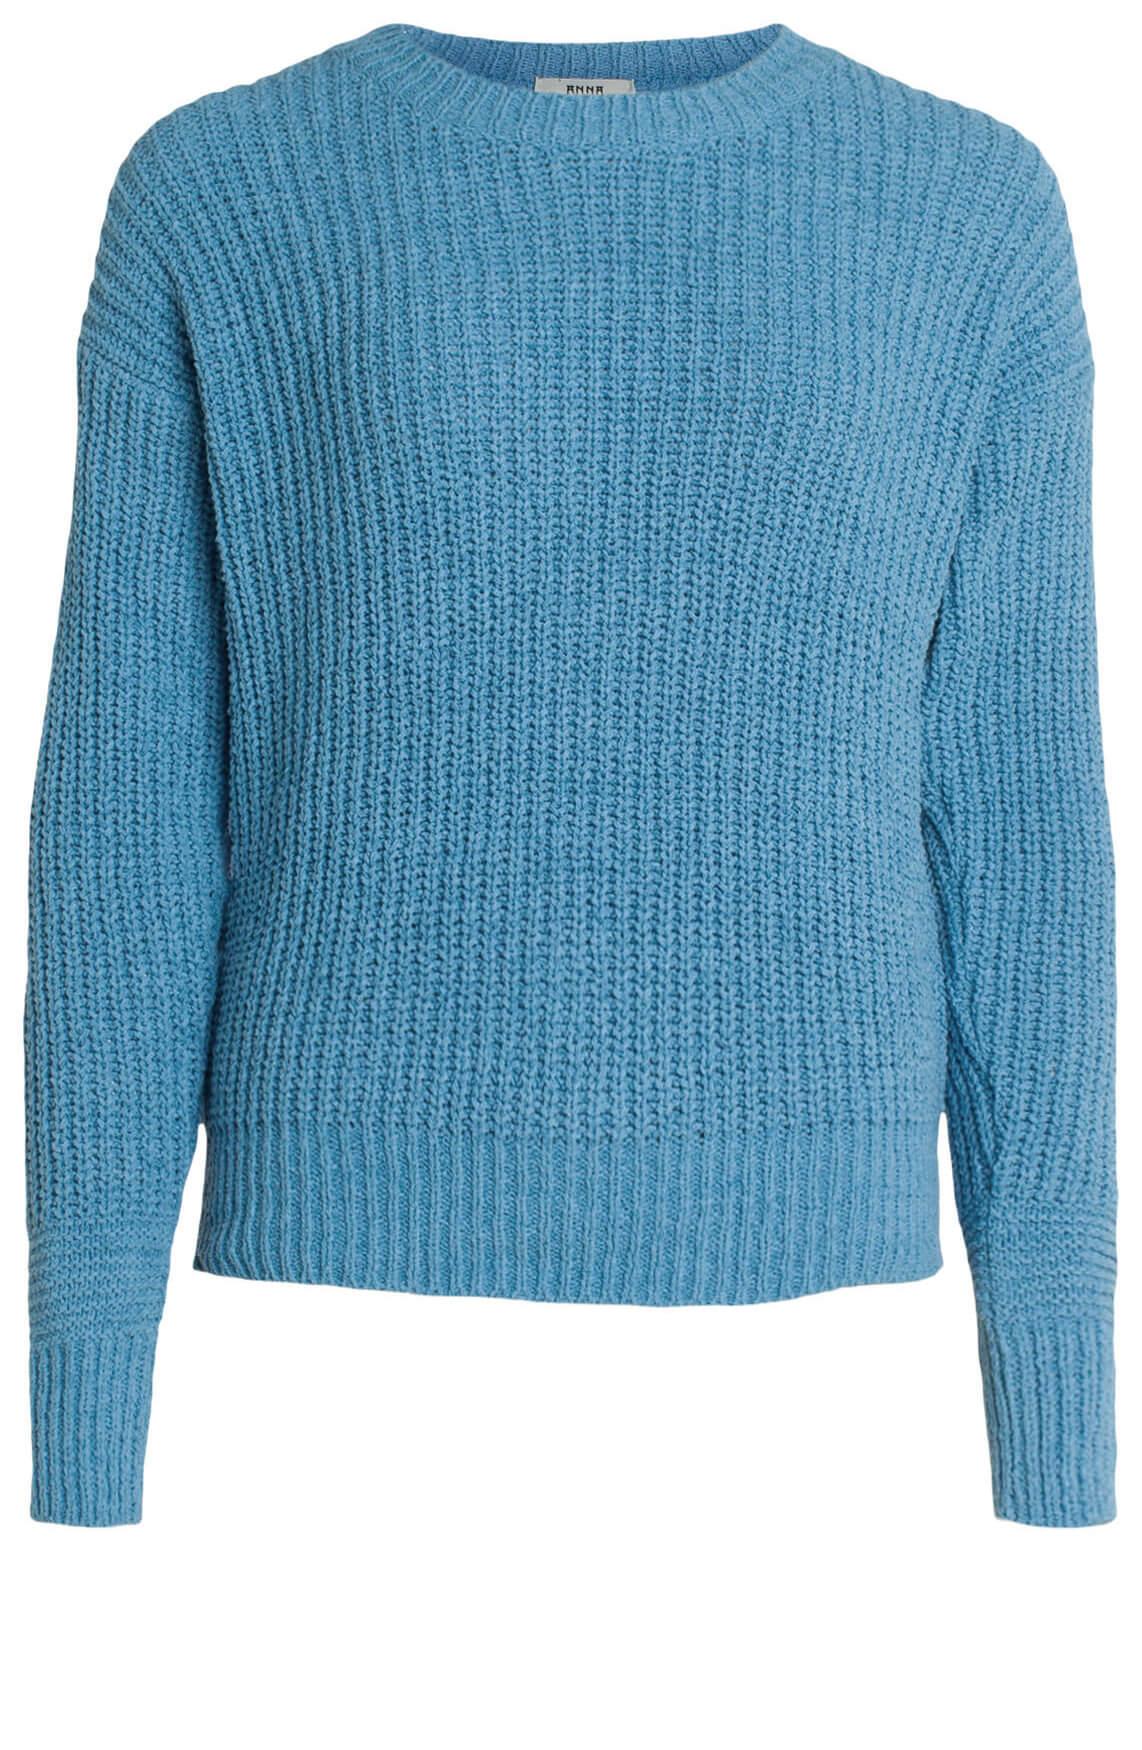 Anna Dames Ribgebreide pullover Blauw